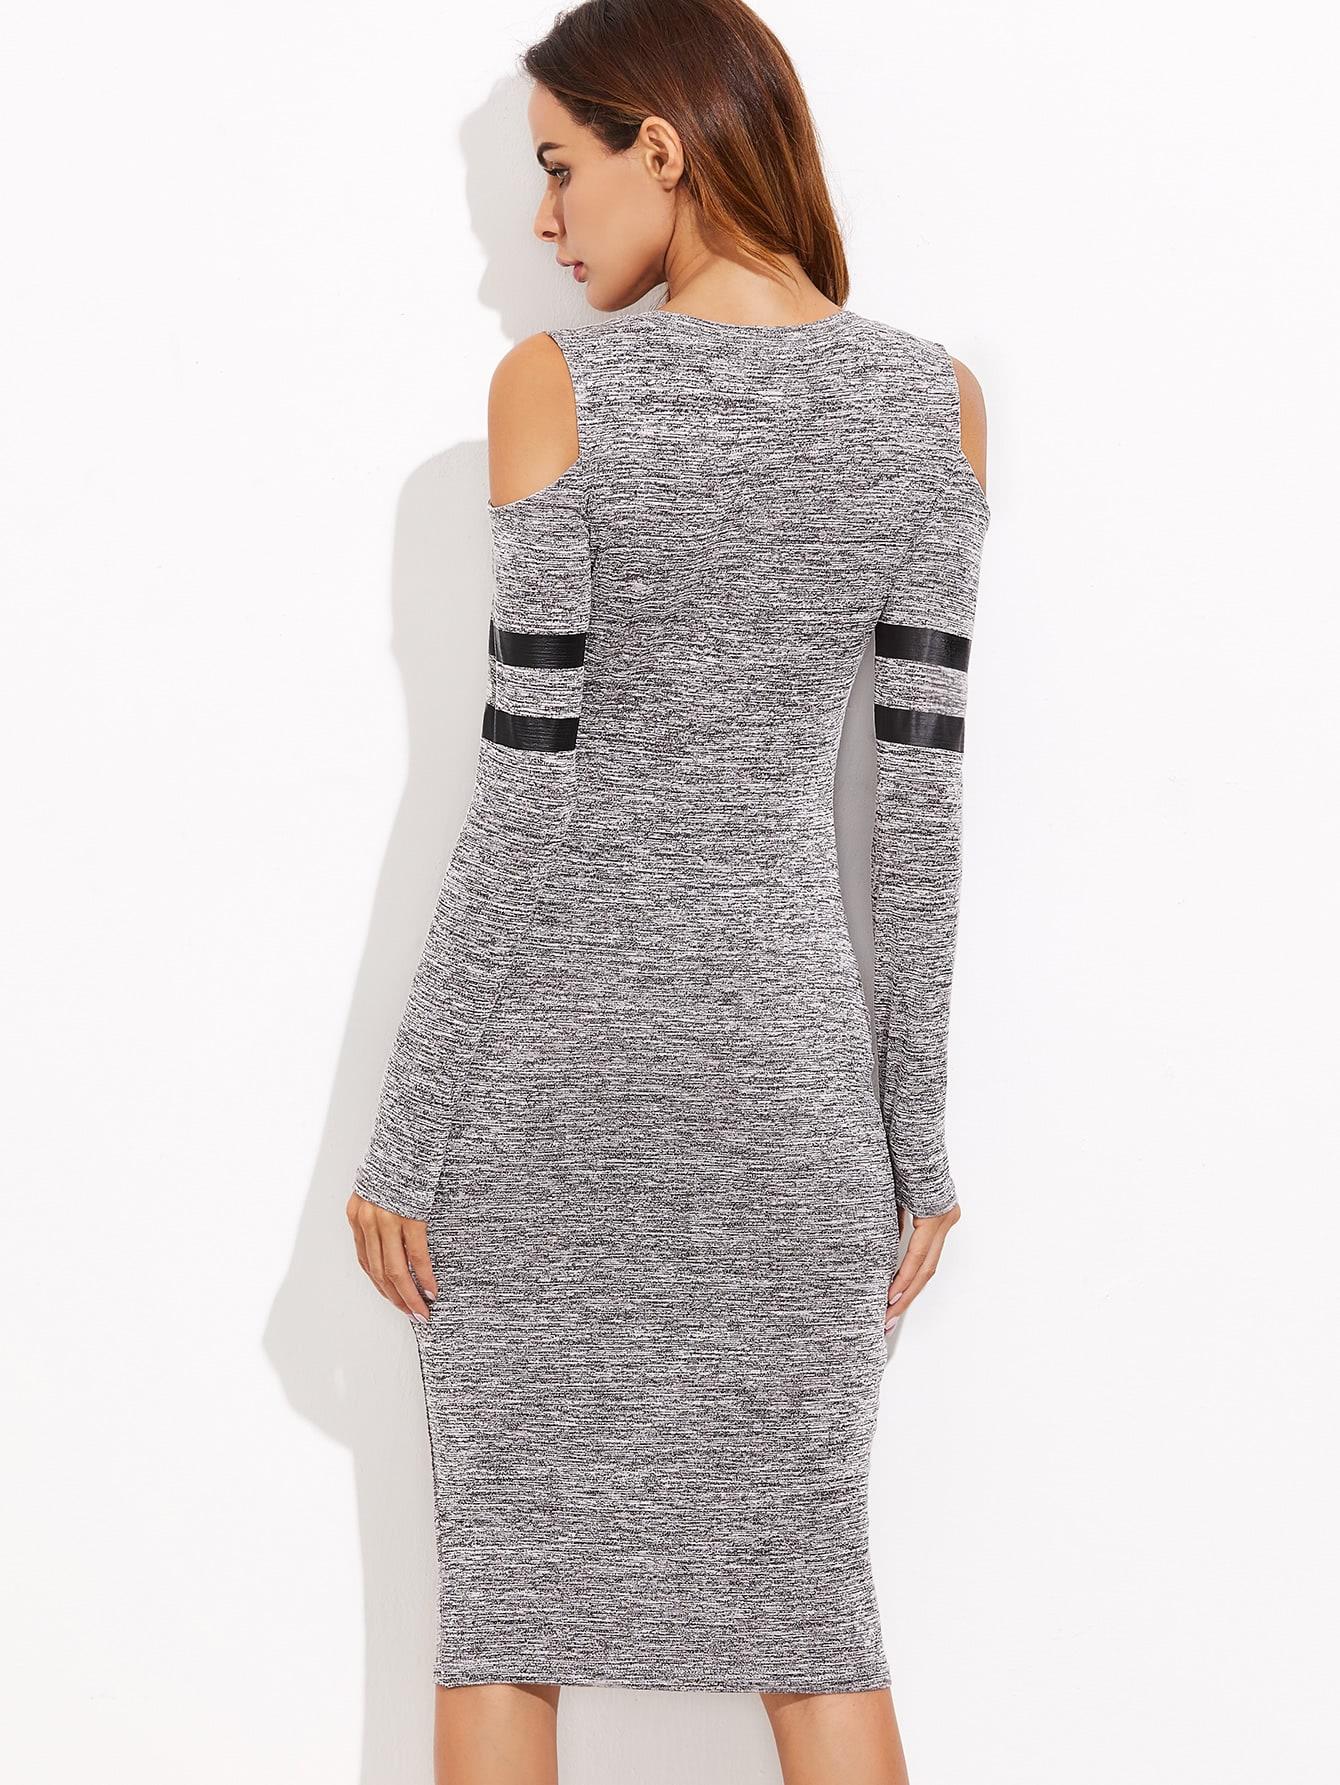 dress161025722_2